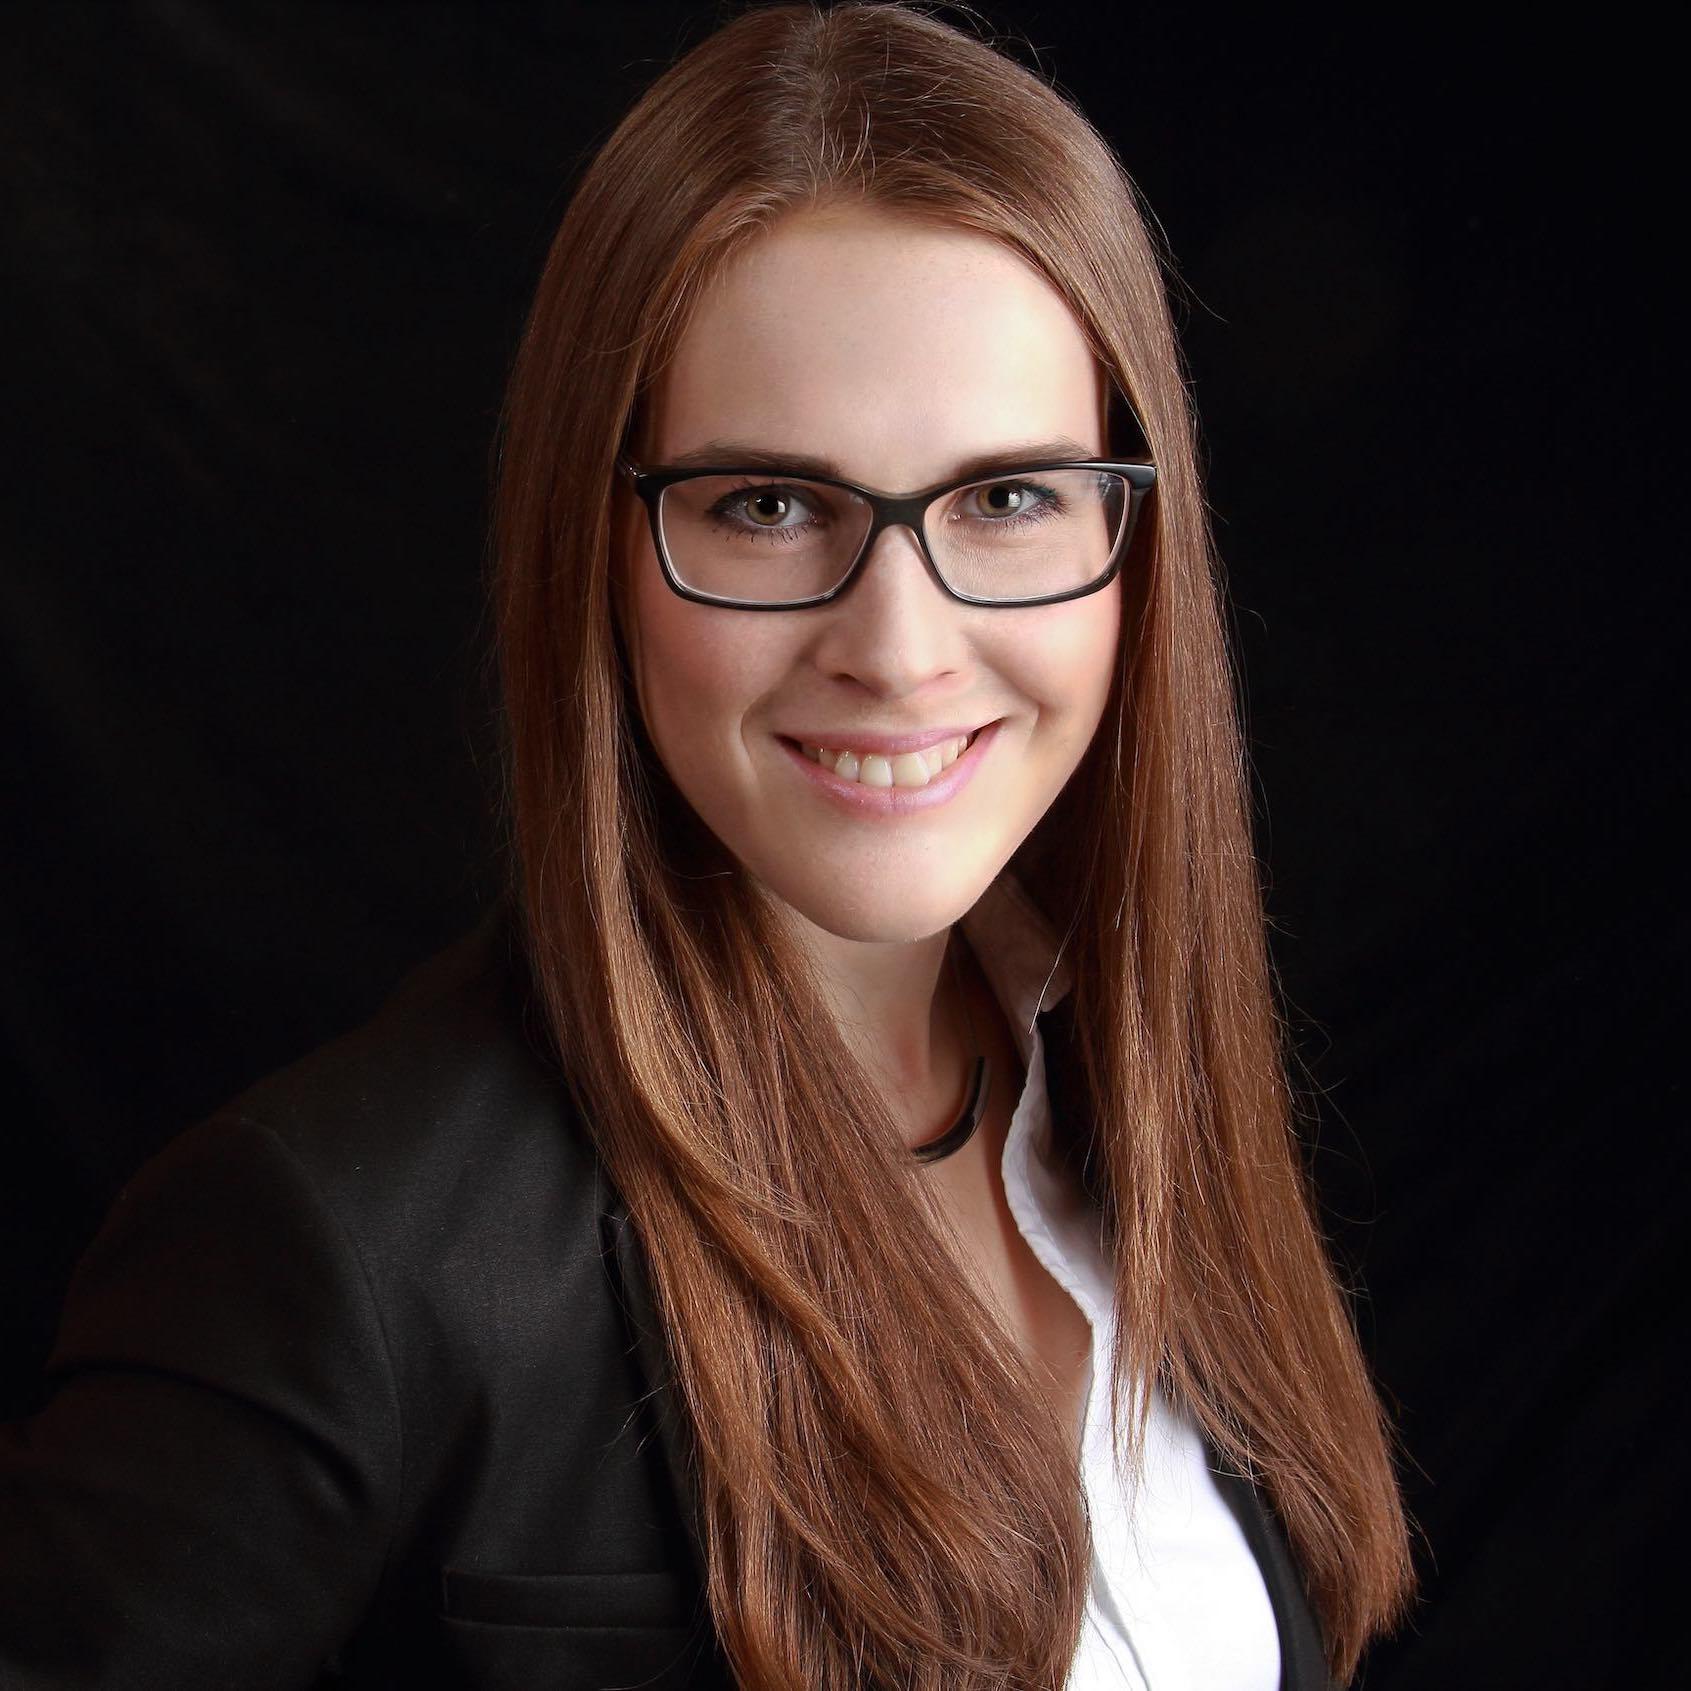 Christina Restemeier